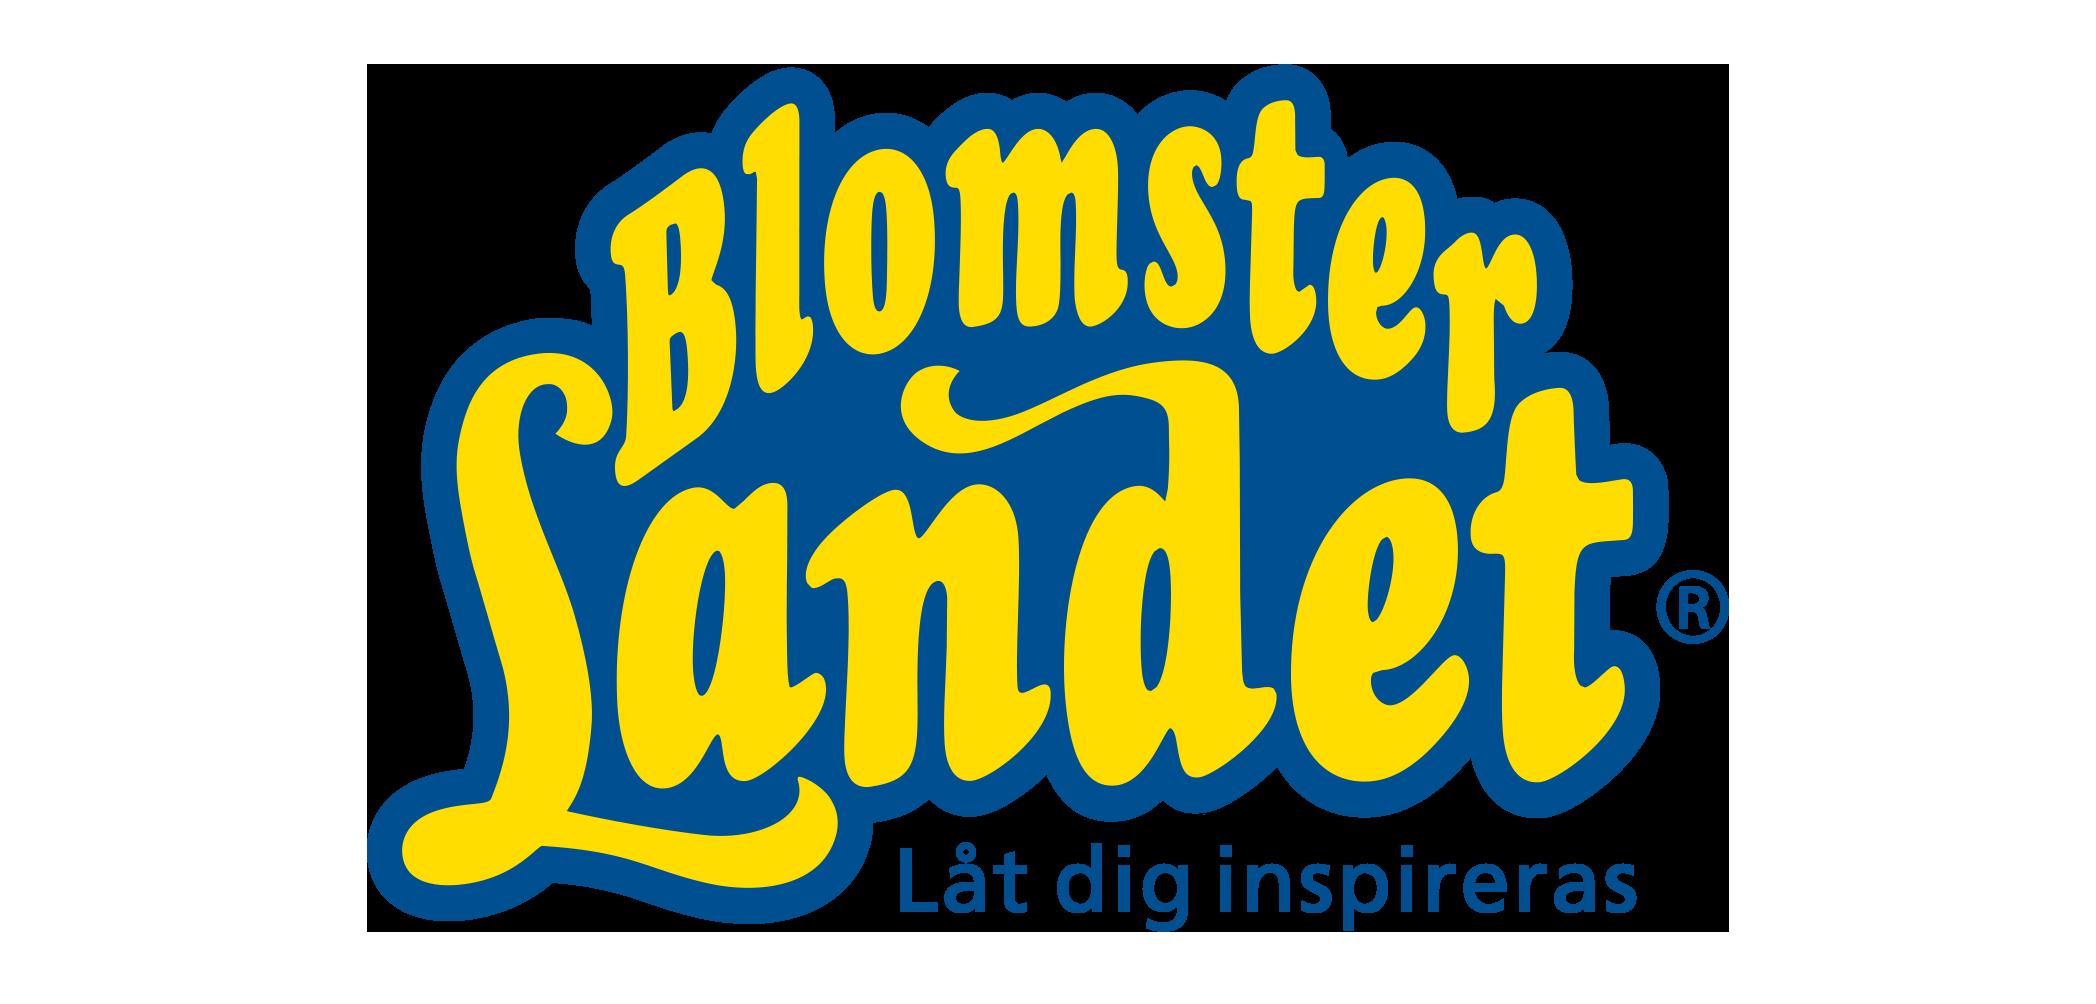 BLOMSTERLANDET I SVERIGE AB